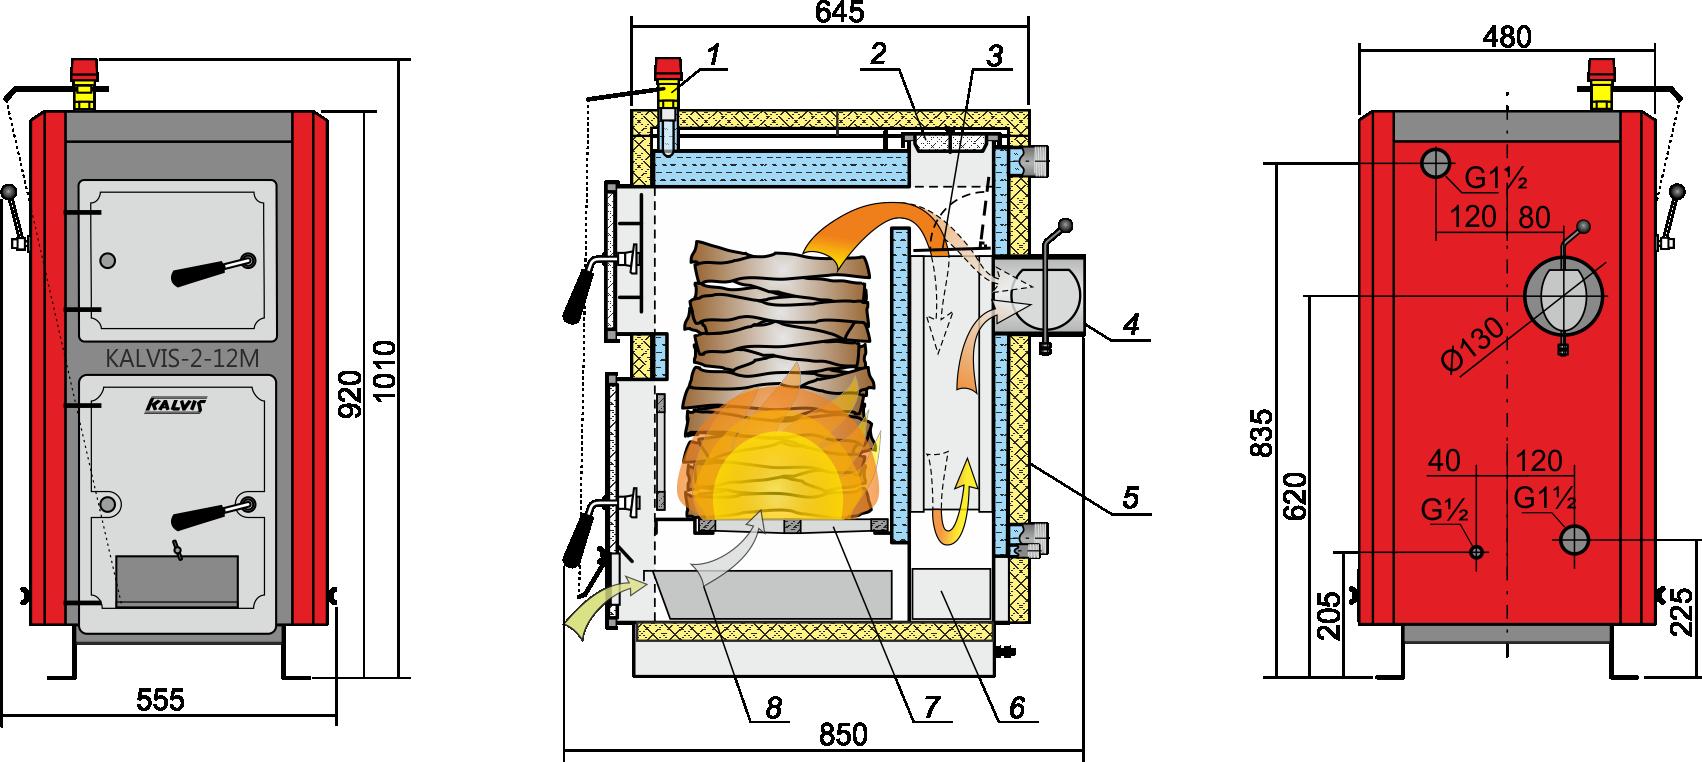 k-2-12m_schema.png